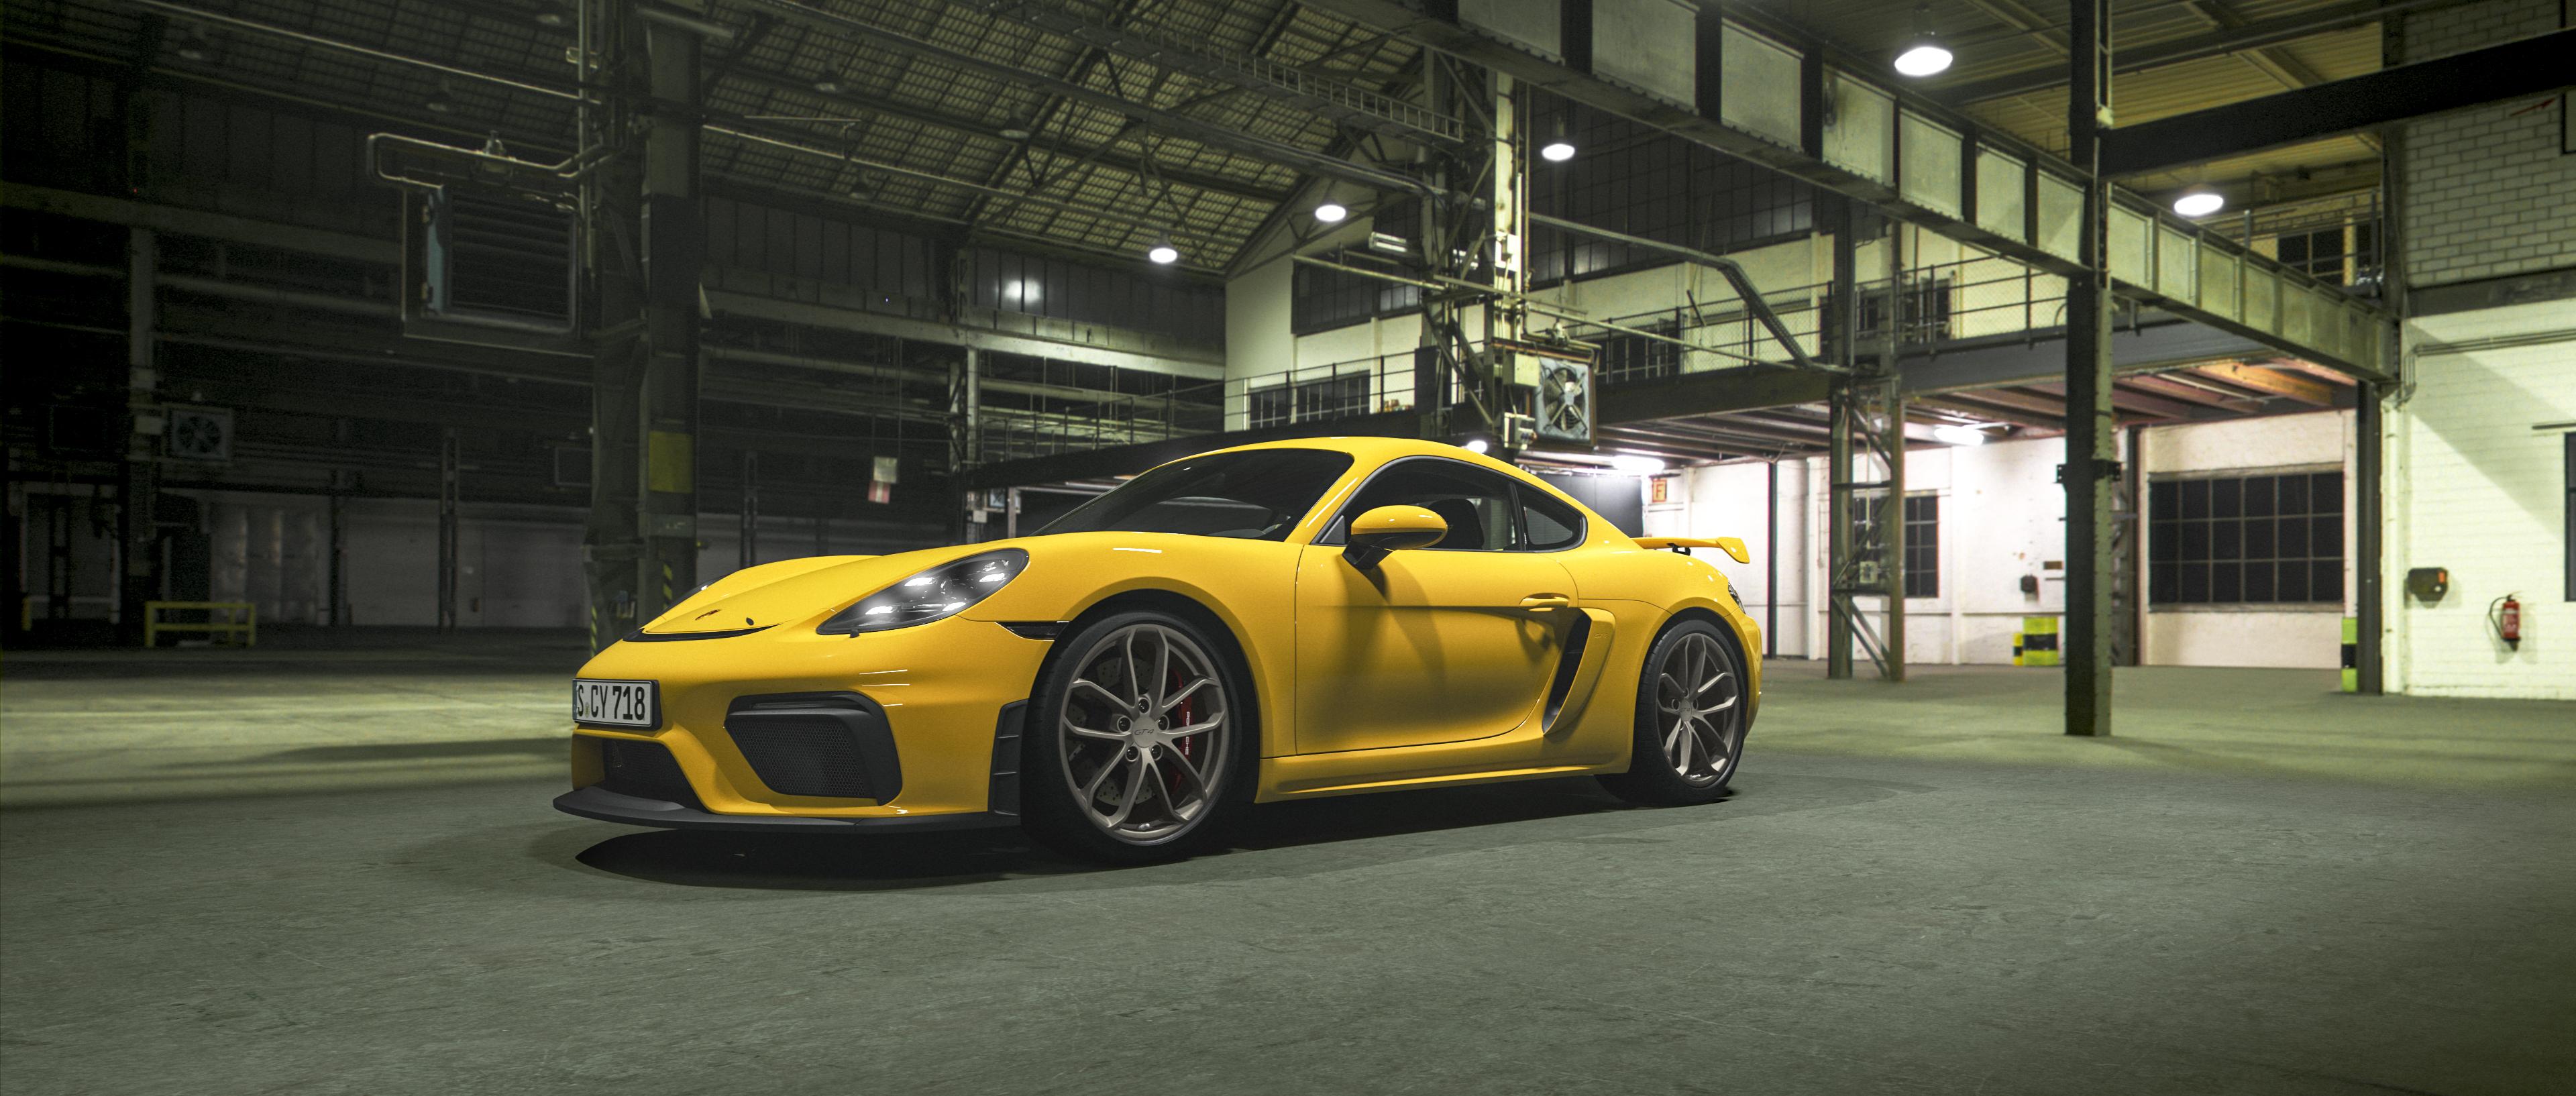 Porsche 718 Cayman Gt4 Porsche Ag